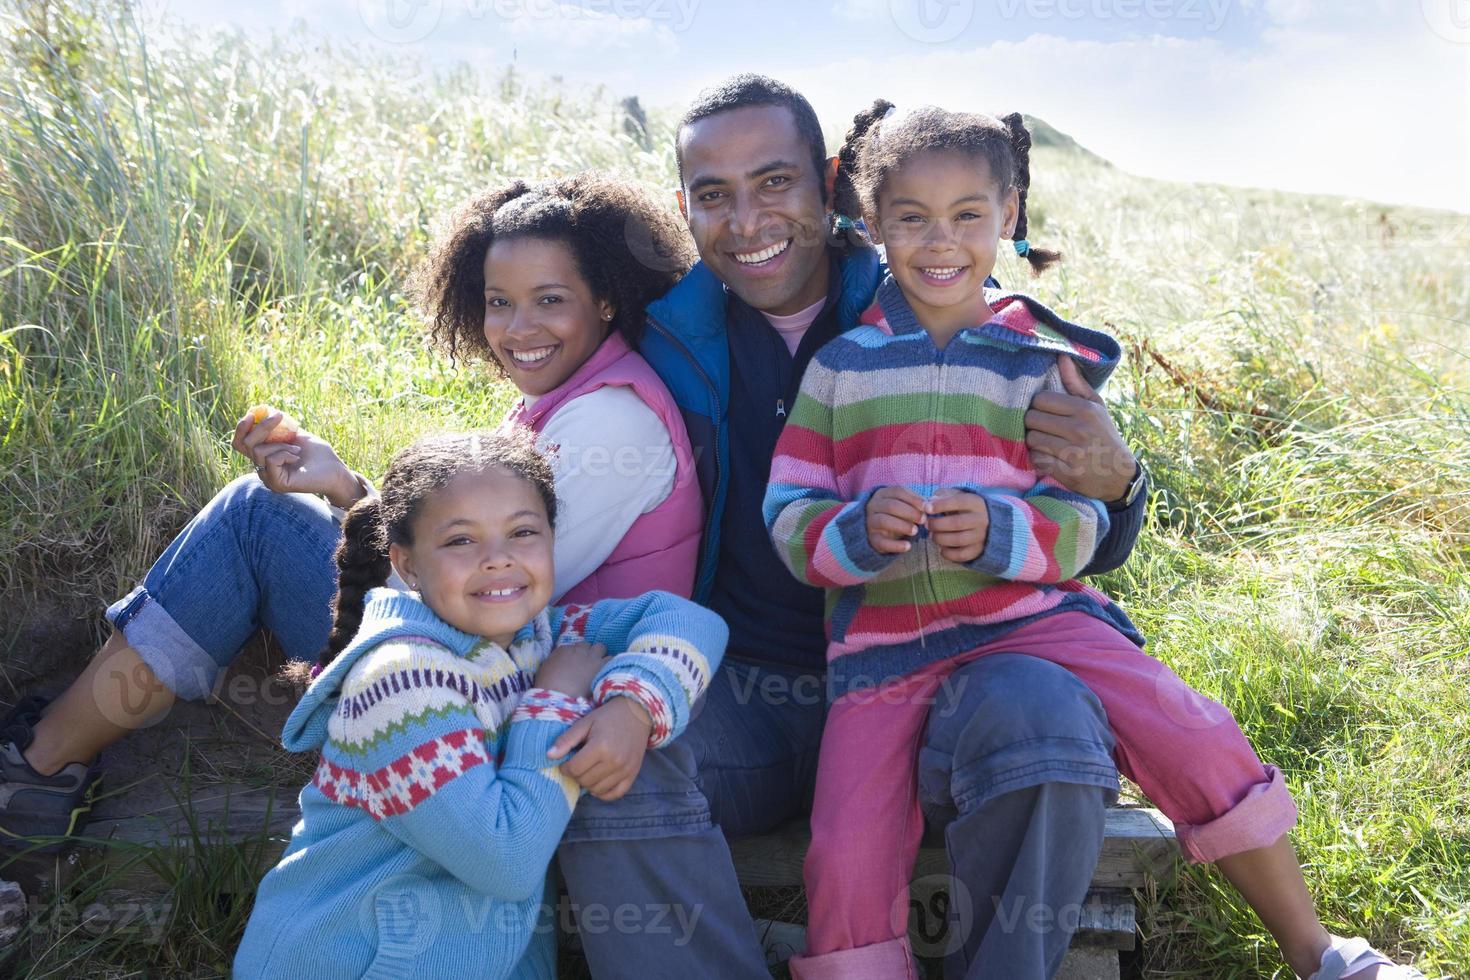 Retrato de familia sentada en el césped foto